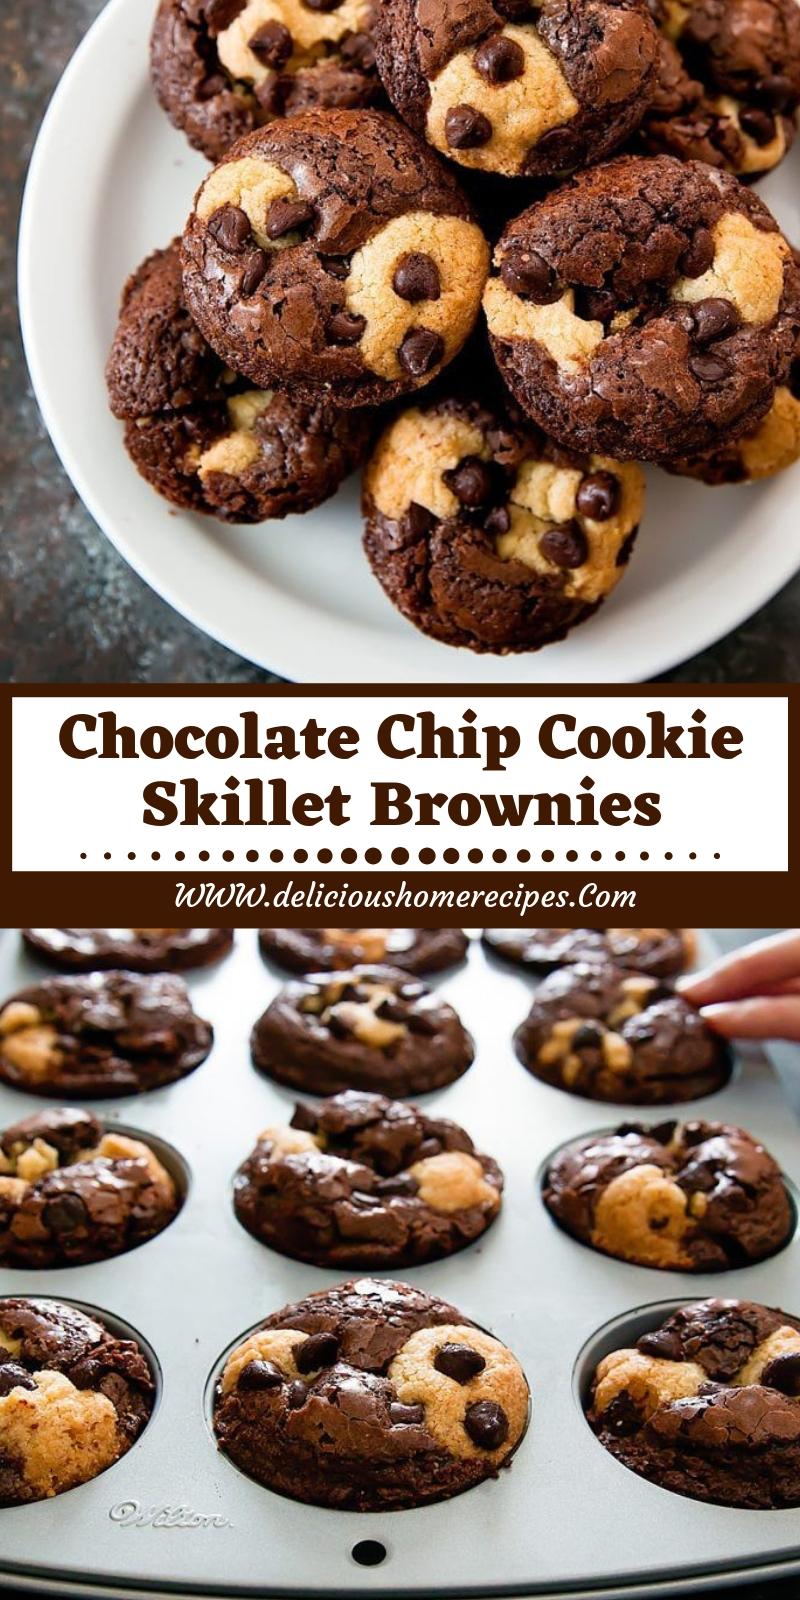 Chocolate Chip Cookie Skillet Brownies